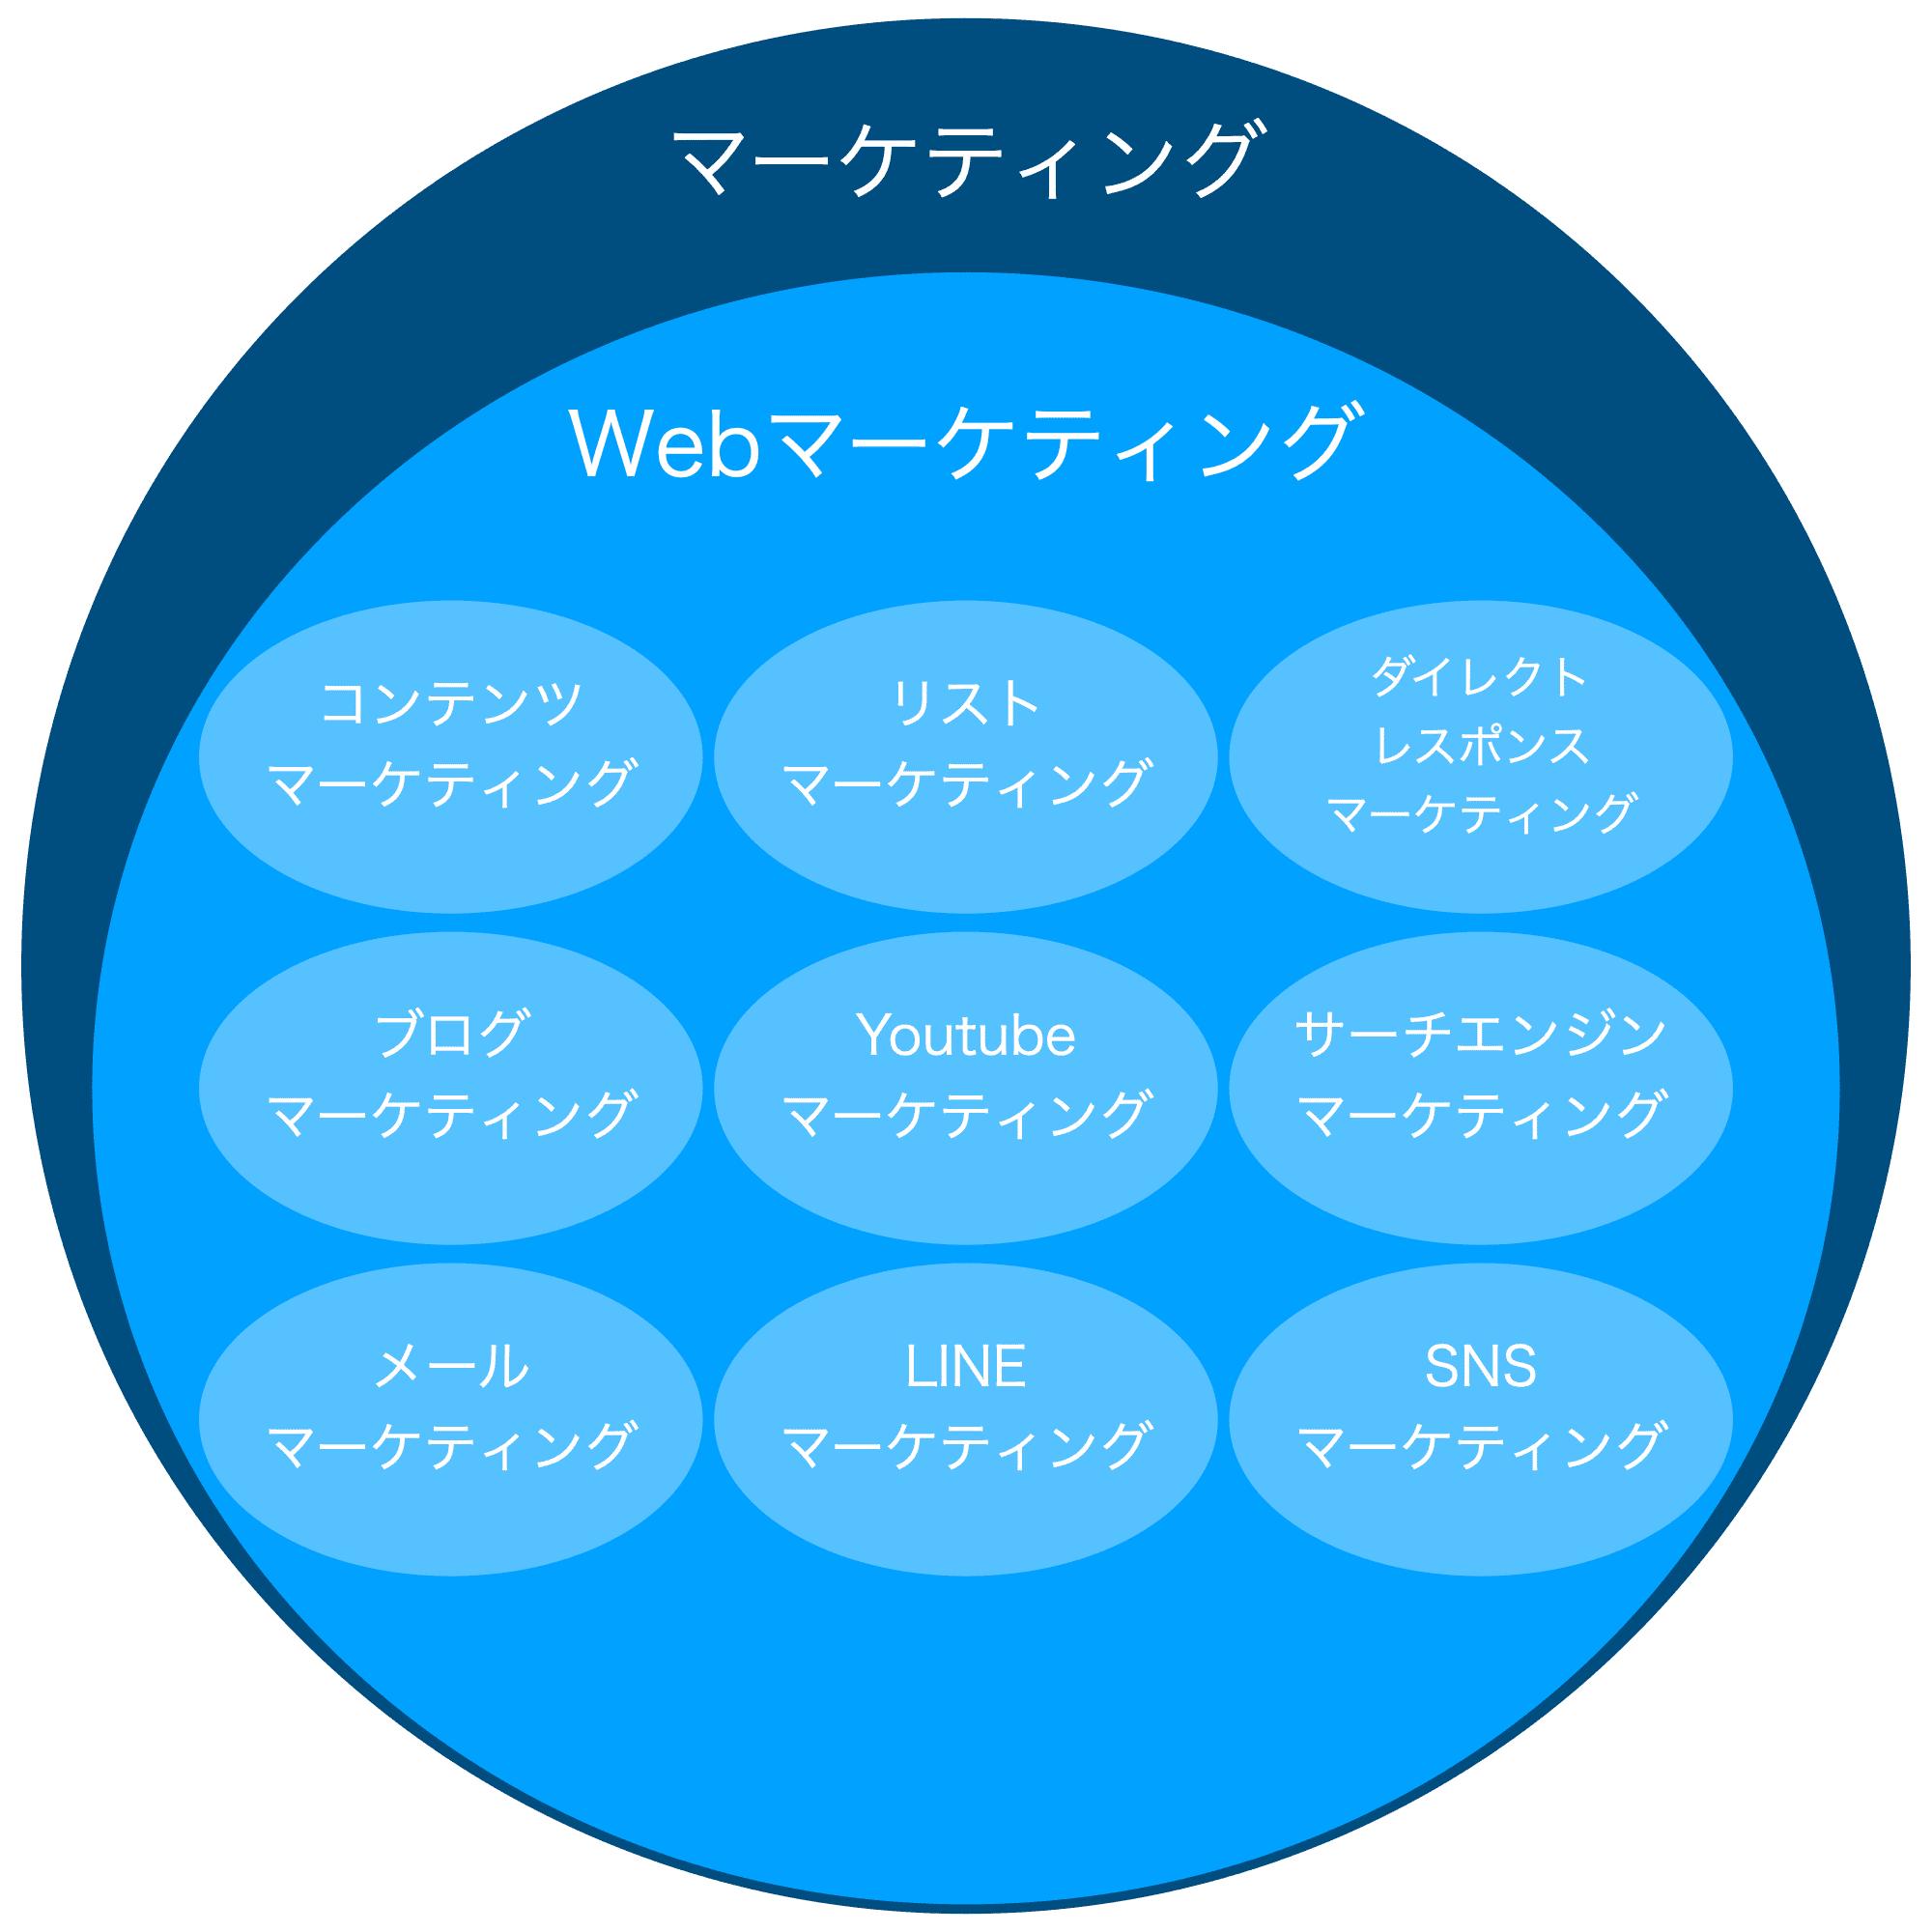 Webマーケティングの説明